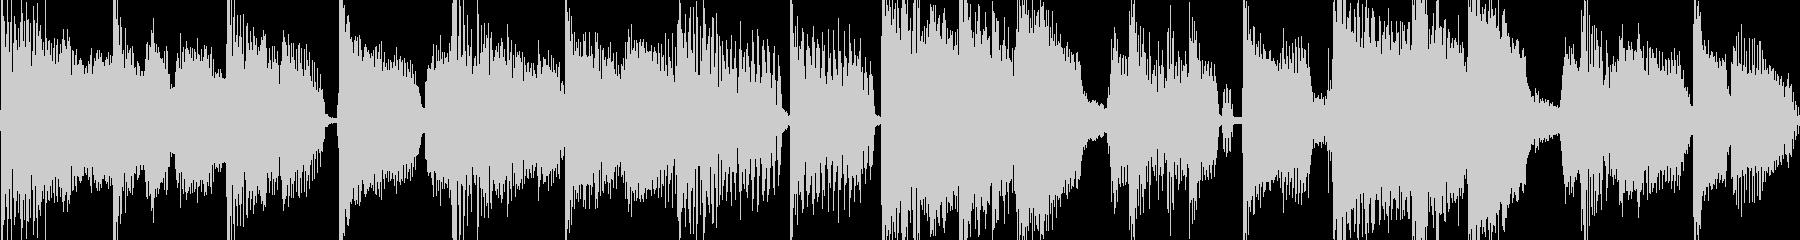 ブルース風の軽快なロックジングル_ループの未再生の波形